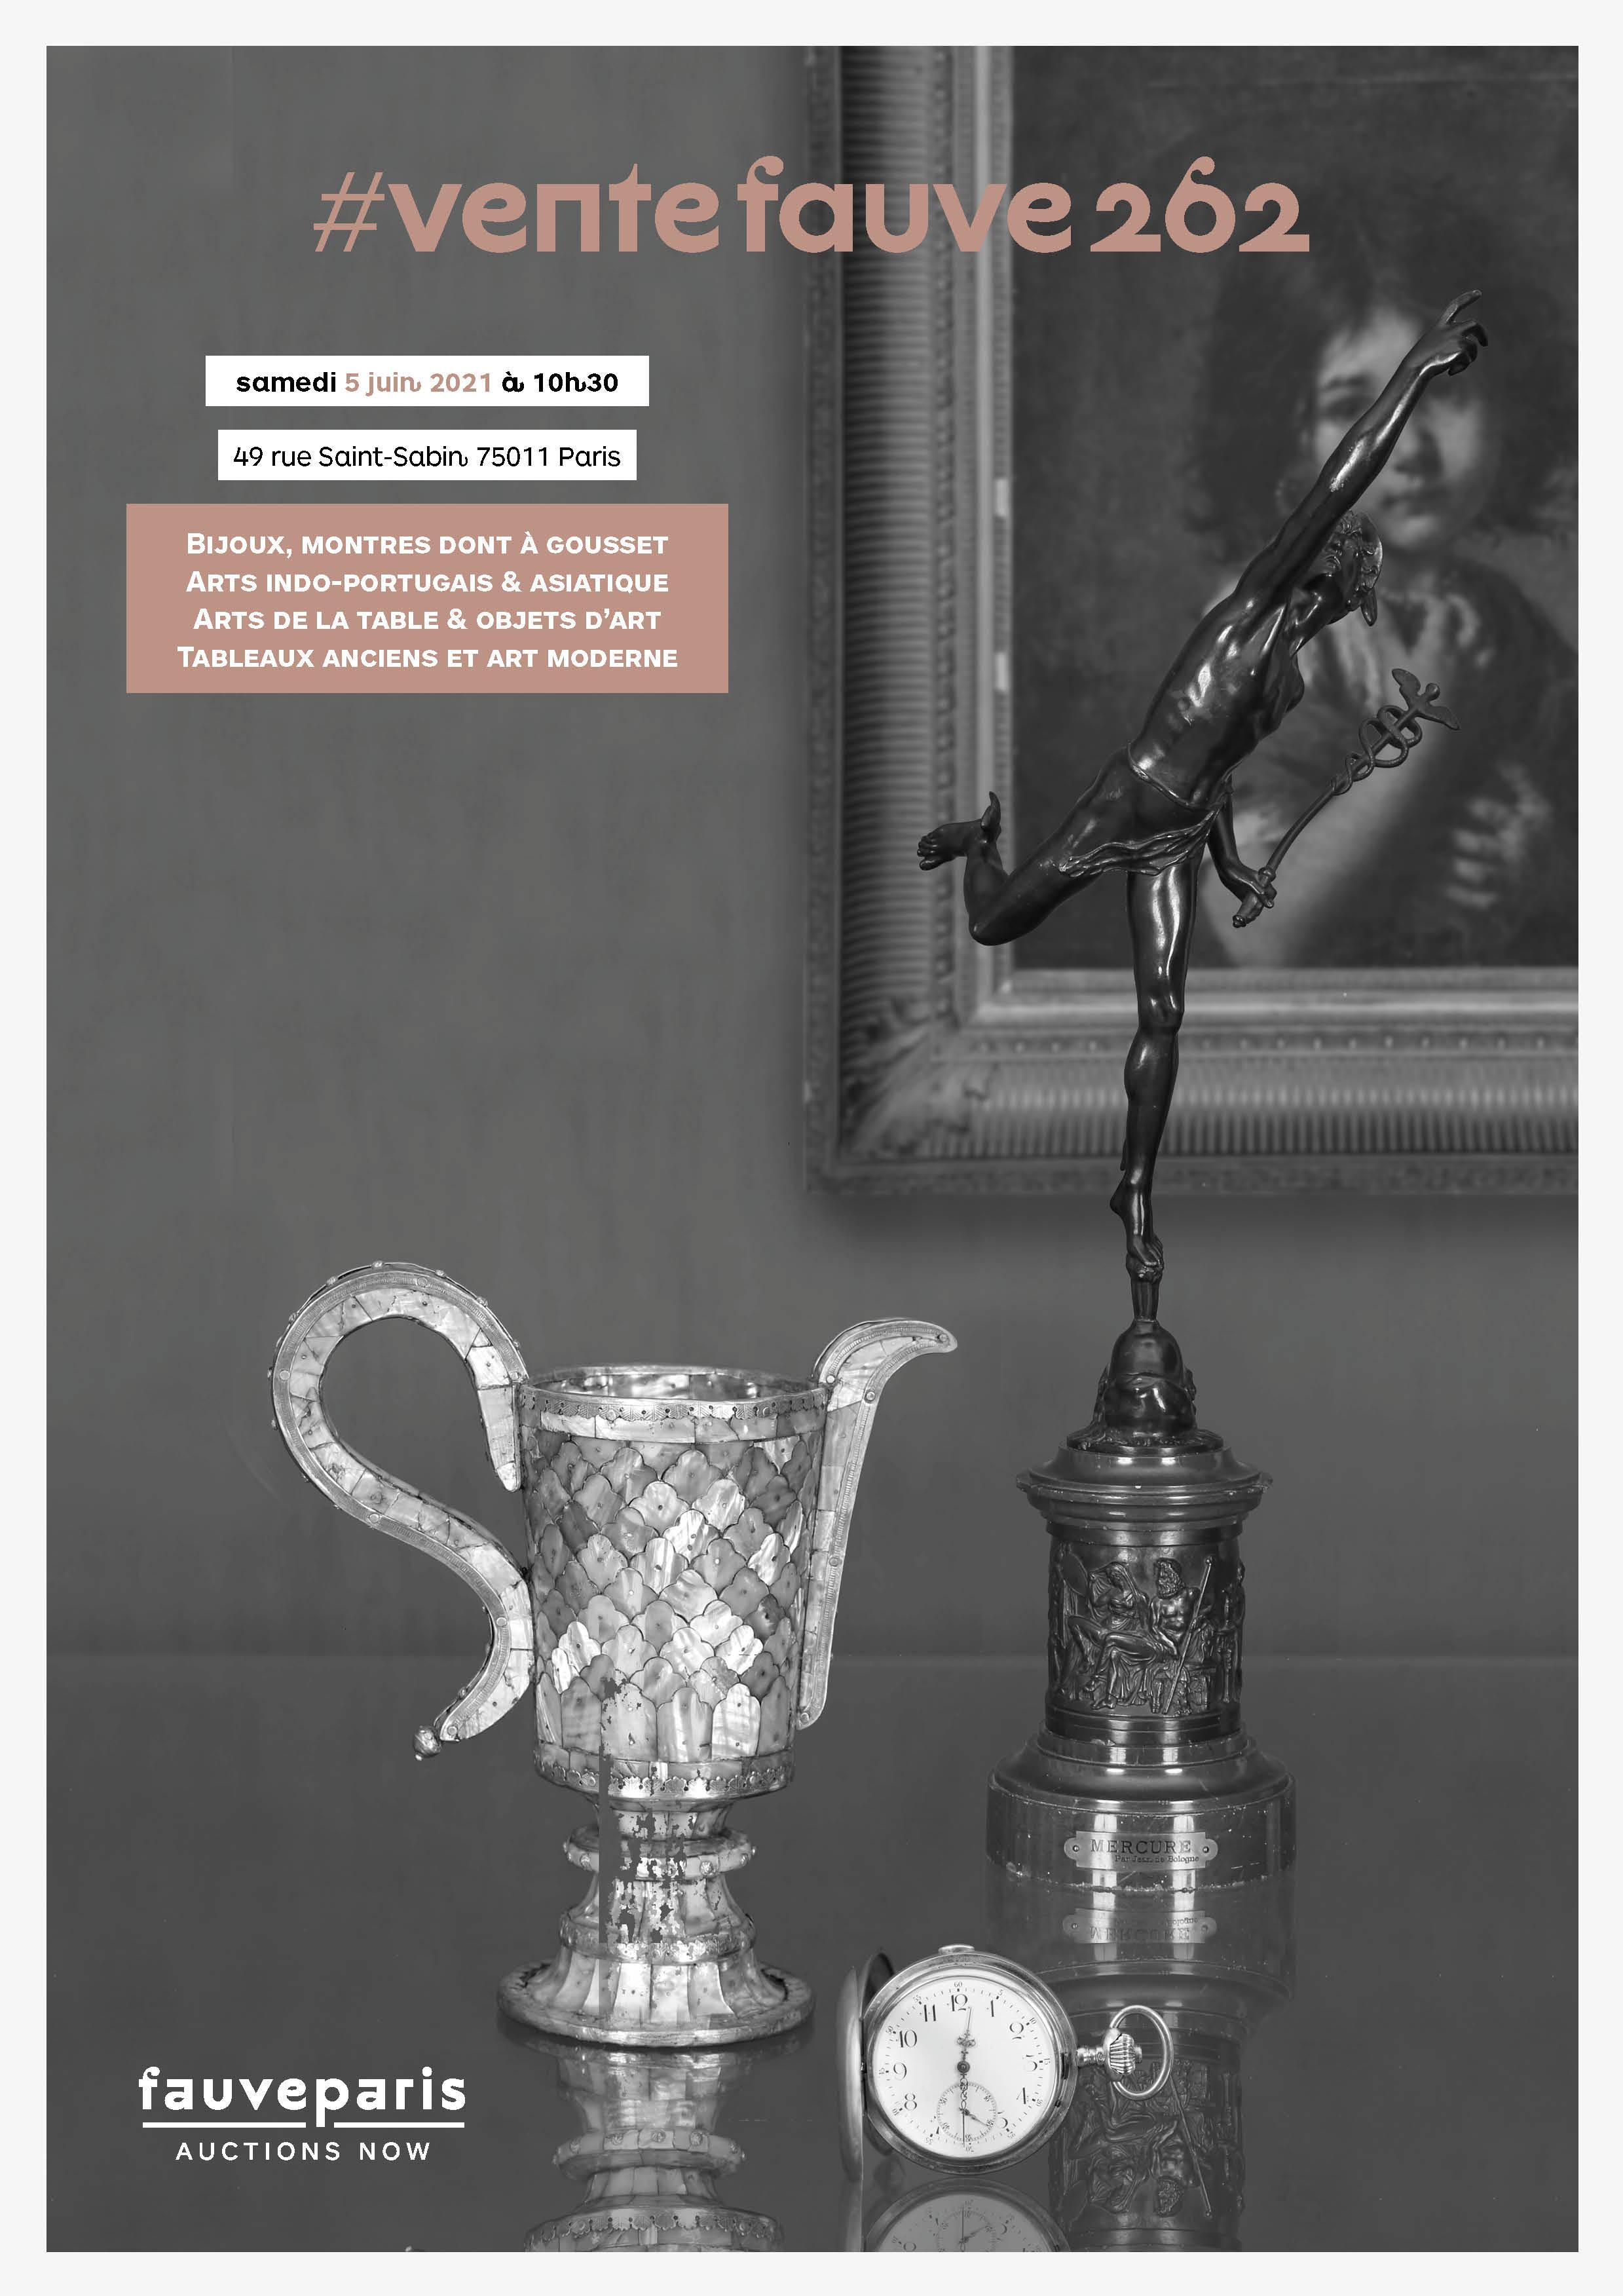 Vente Bijoux, Montres, Arts Indo-Portugais & Asiatique, Arts de la Table & Objets d'Art, Tableaux Anciens et Modernes chez FauveParis : 67 lots